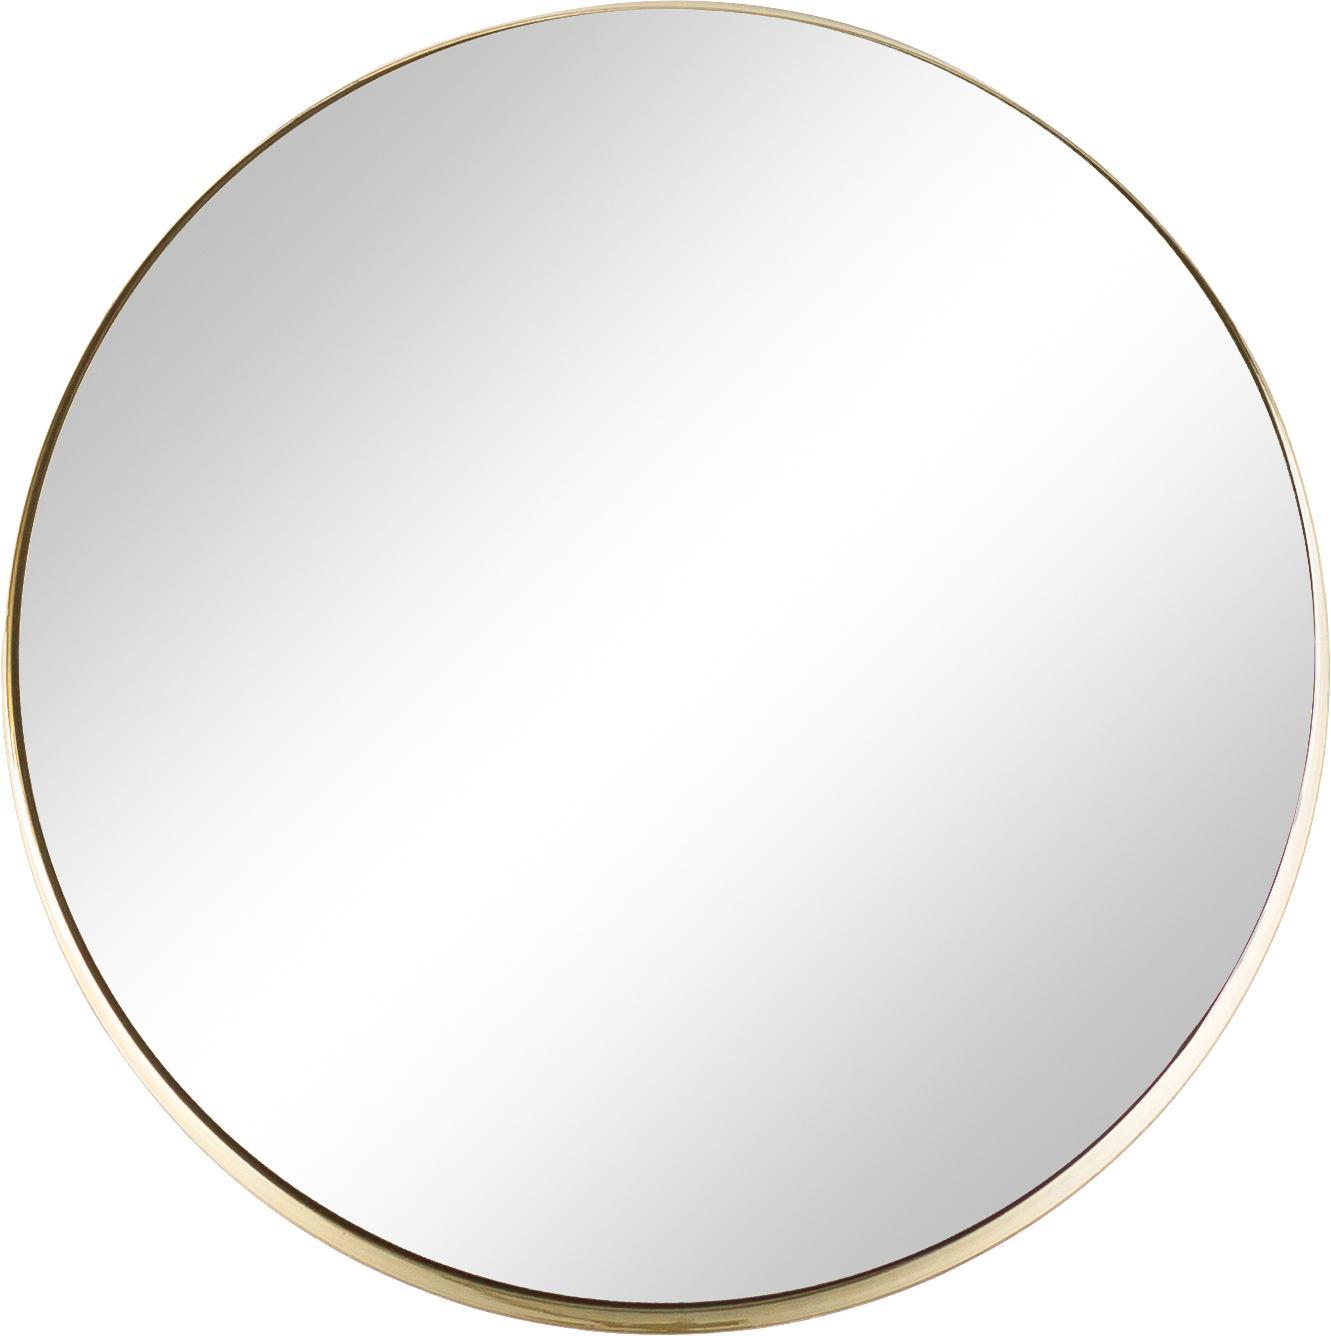 Okrągłe lustro ścienne Metal, Rama: odcienie złotego Szkło lustrzane, Ø 43 cm